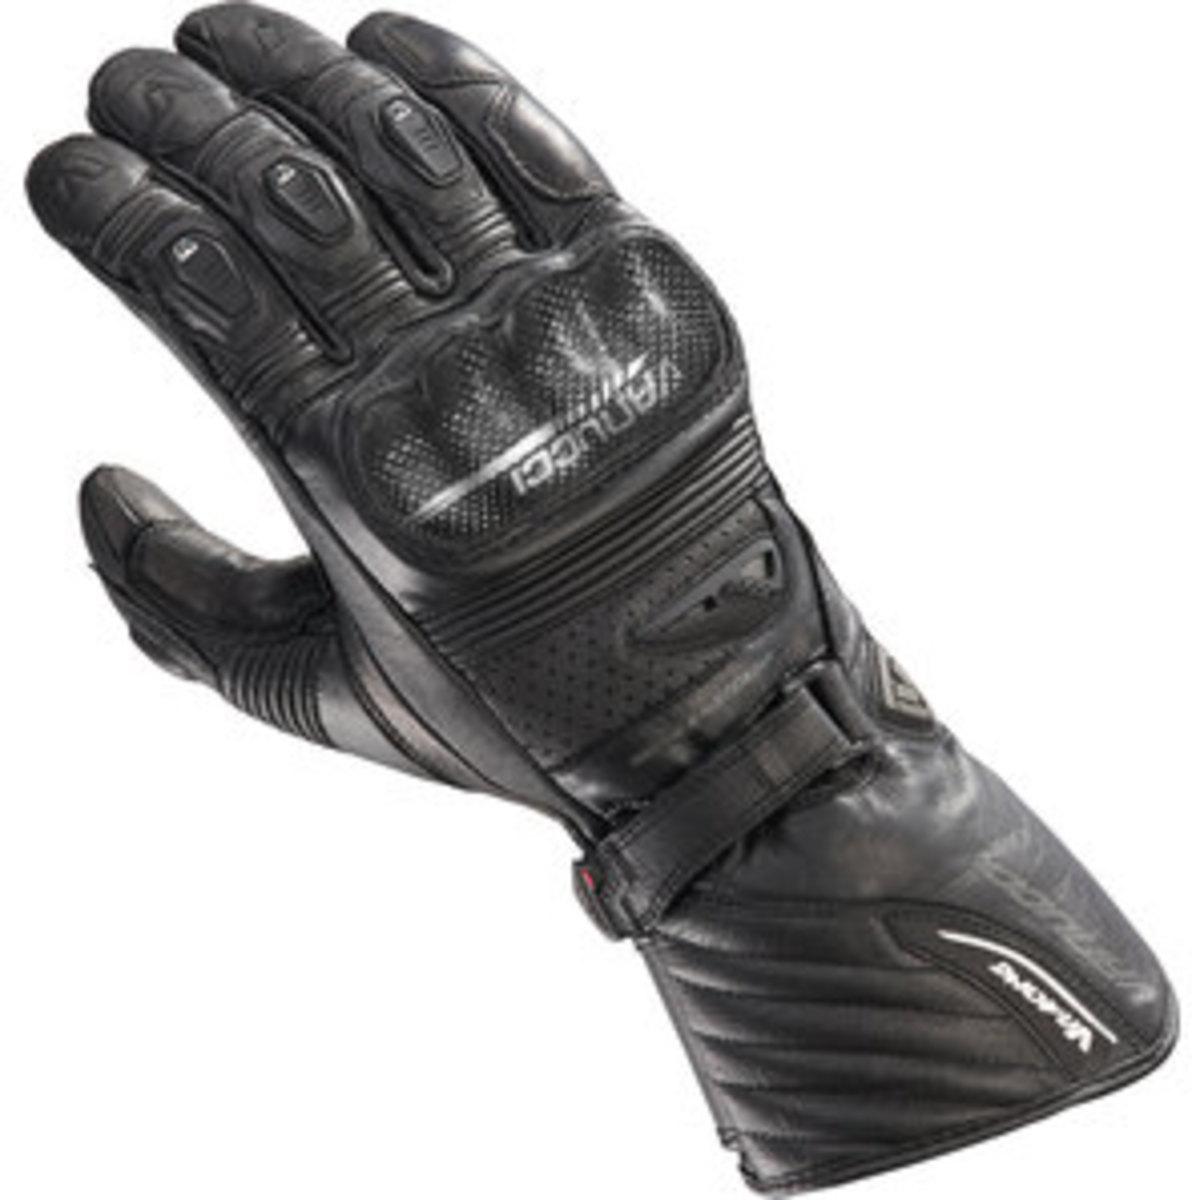 Bild 2 von Vanucci Competizione II Handschuhe